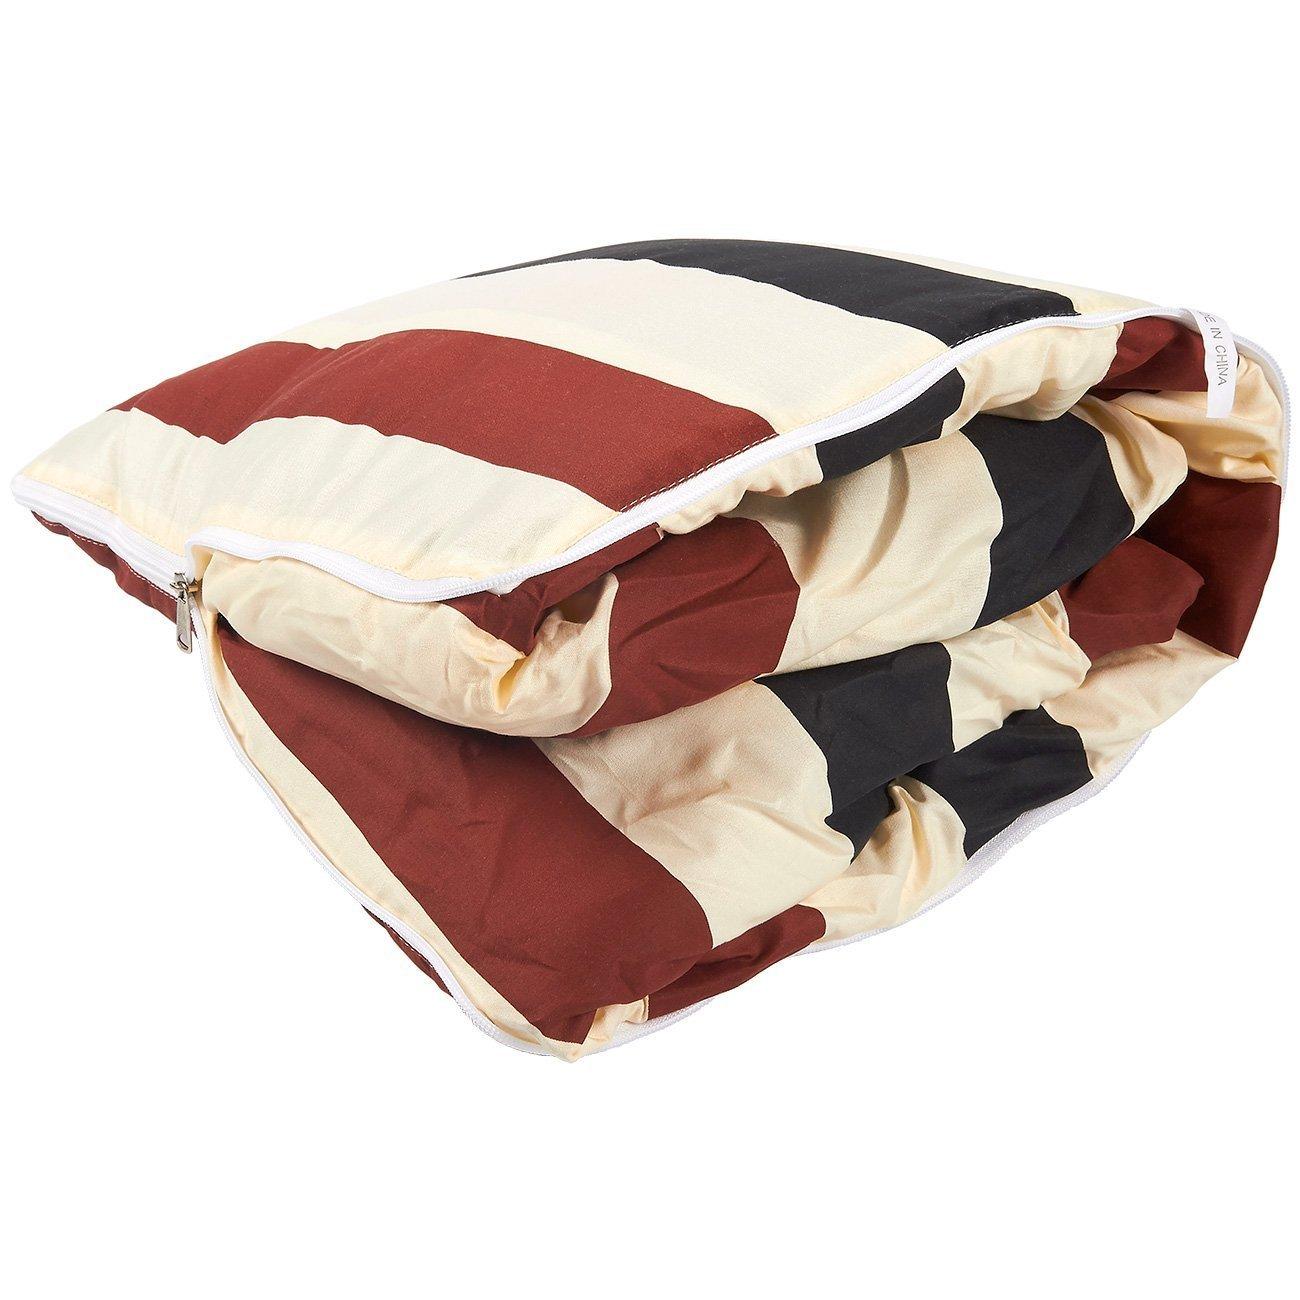 Juvale Travel Blanket Pillow 2 in 1